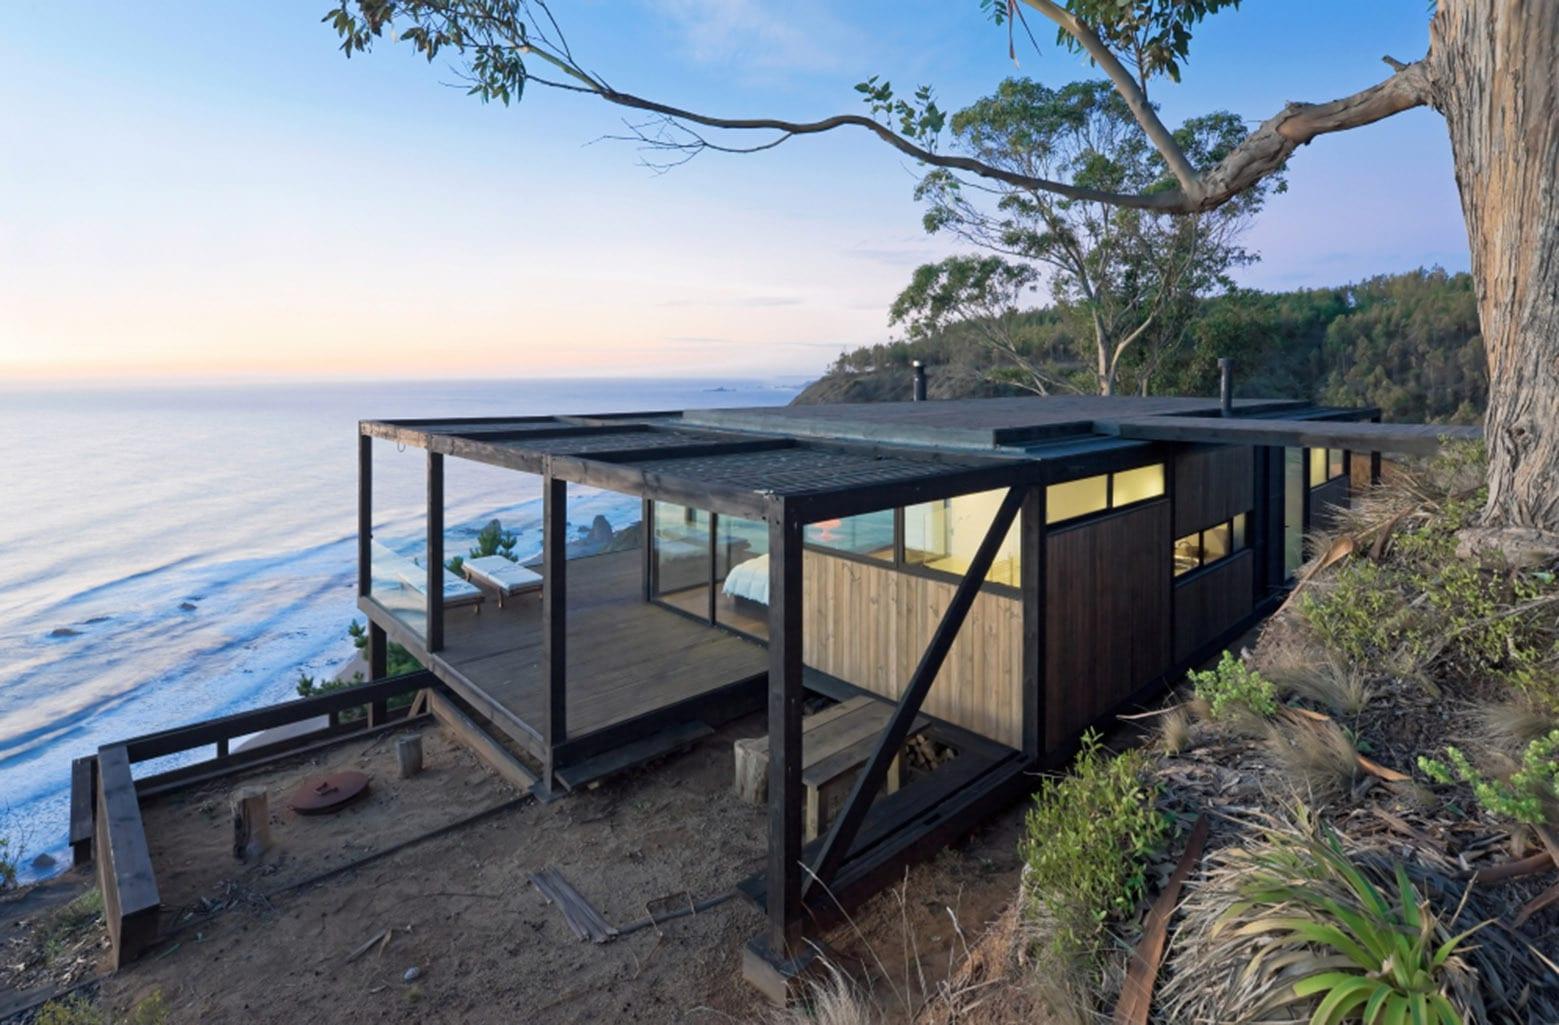 Traumhaus am meer  ein umweltfreundliches Traumhaus am Meer - fresHouse